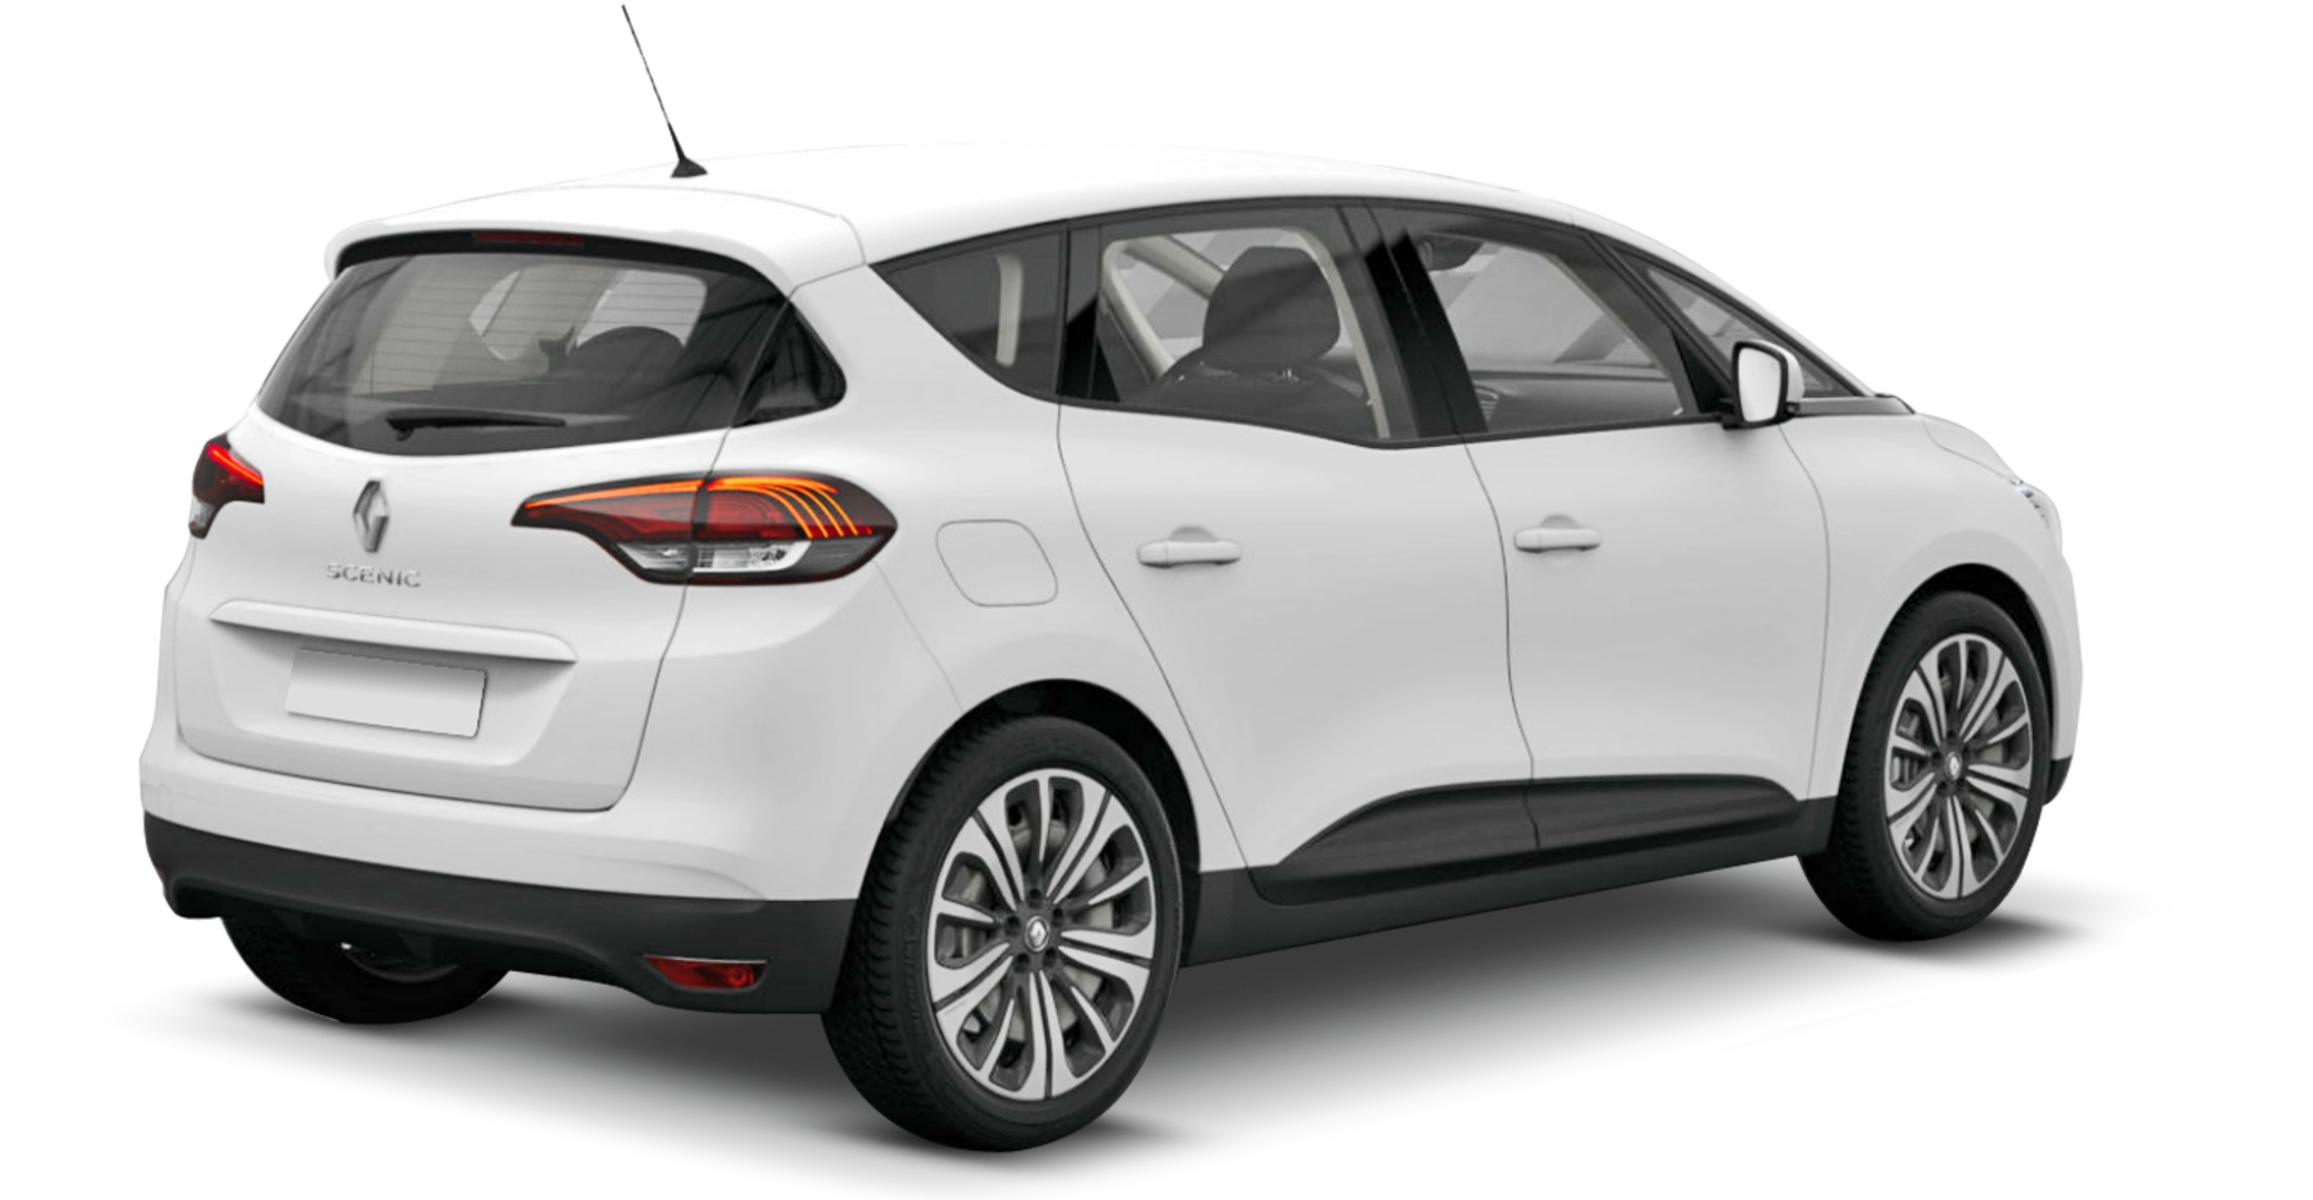 Listino Renault Sc 233 Nic Prezzo Scheda Tecnica Consumi